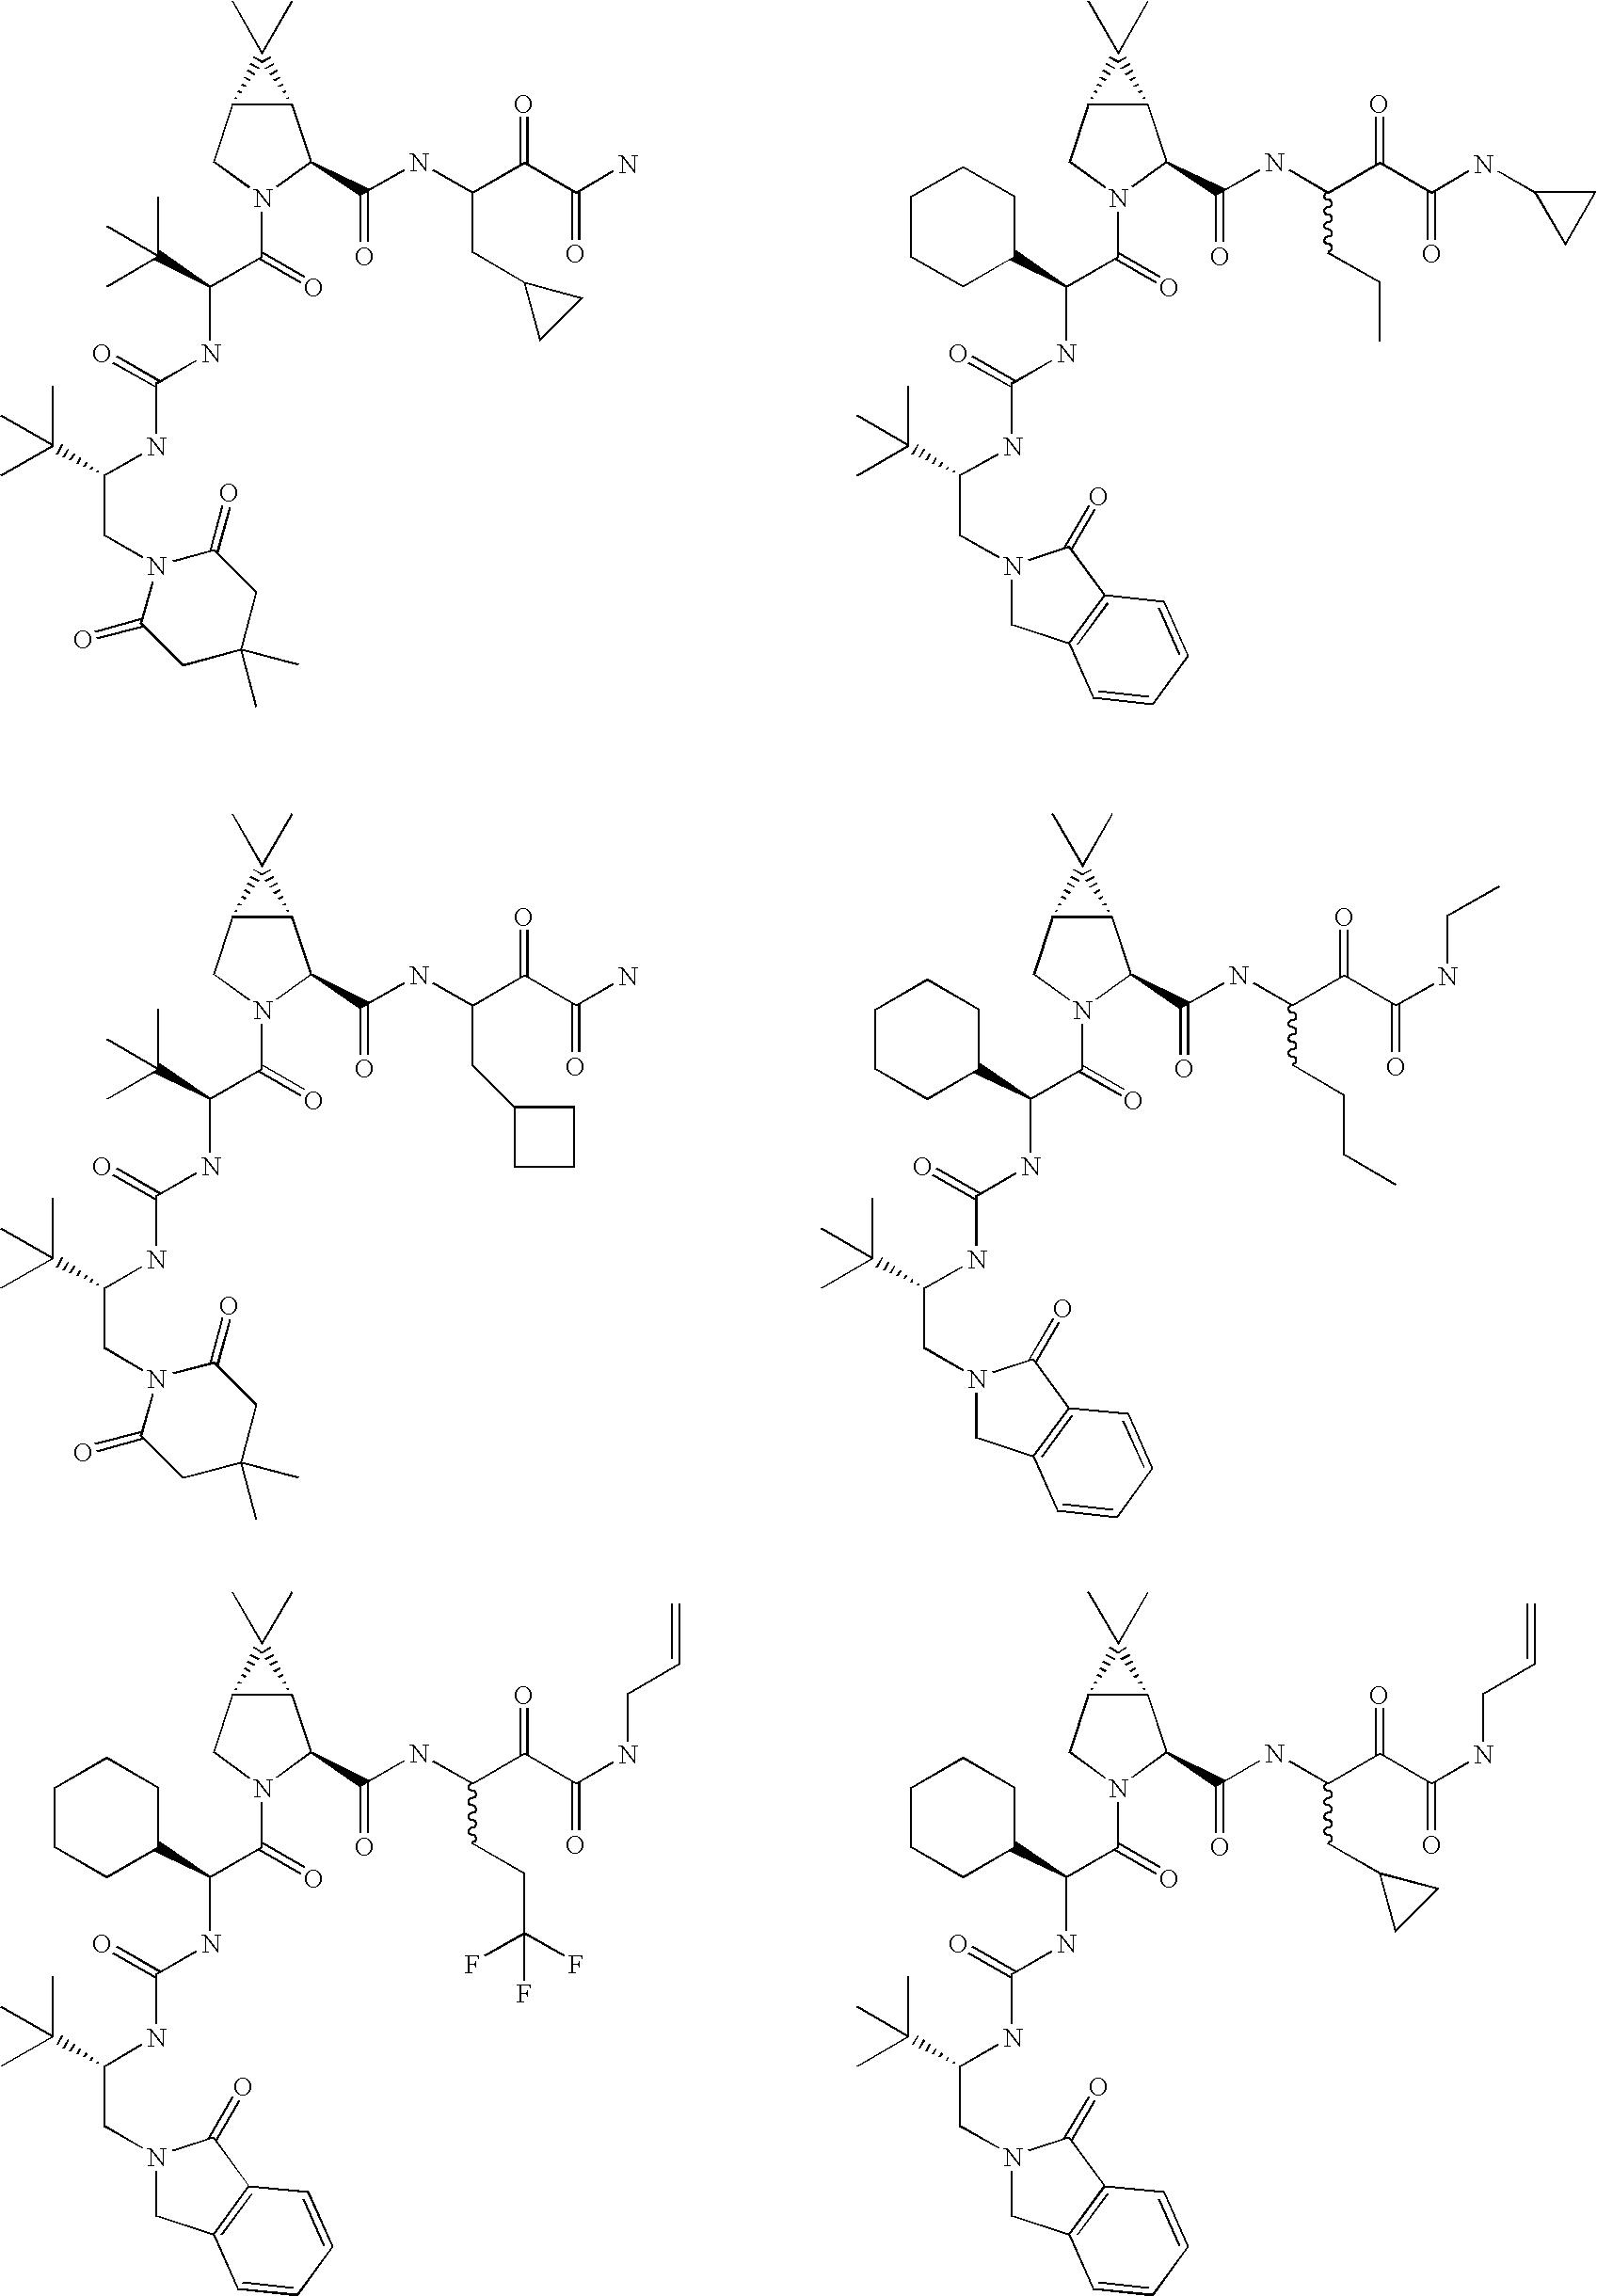 Figure US20060287248A1-20061221-C00430